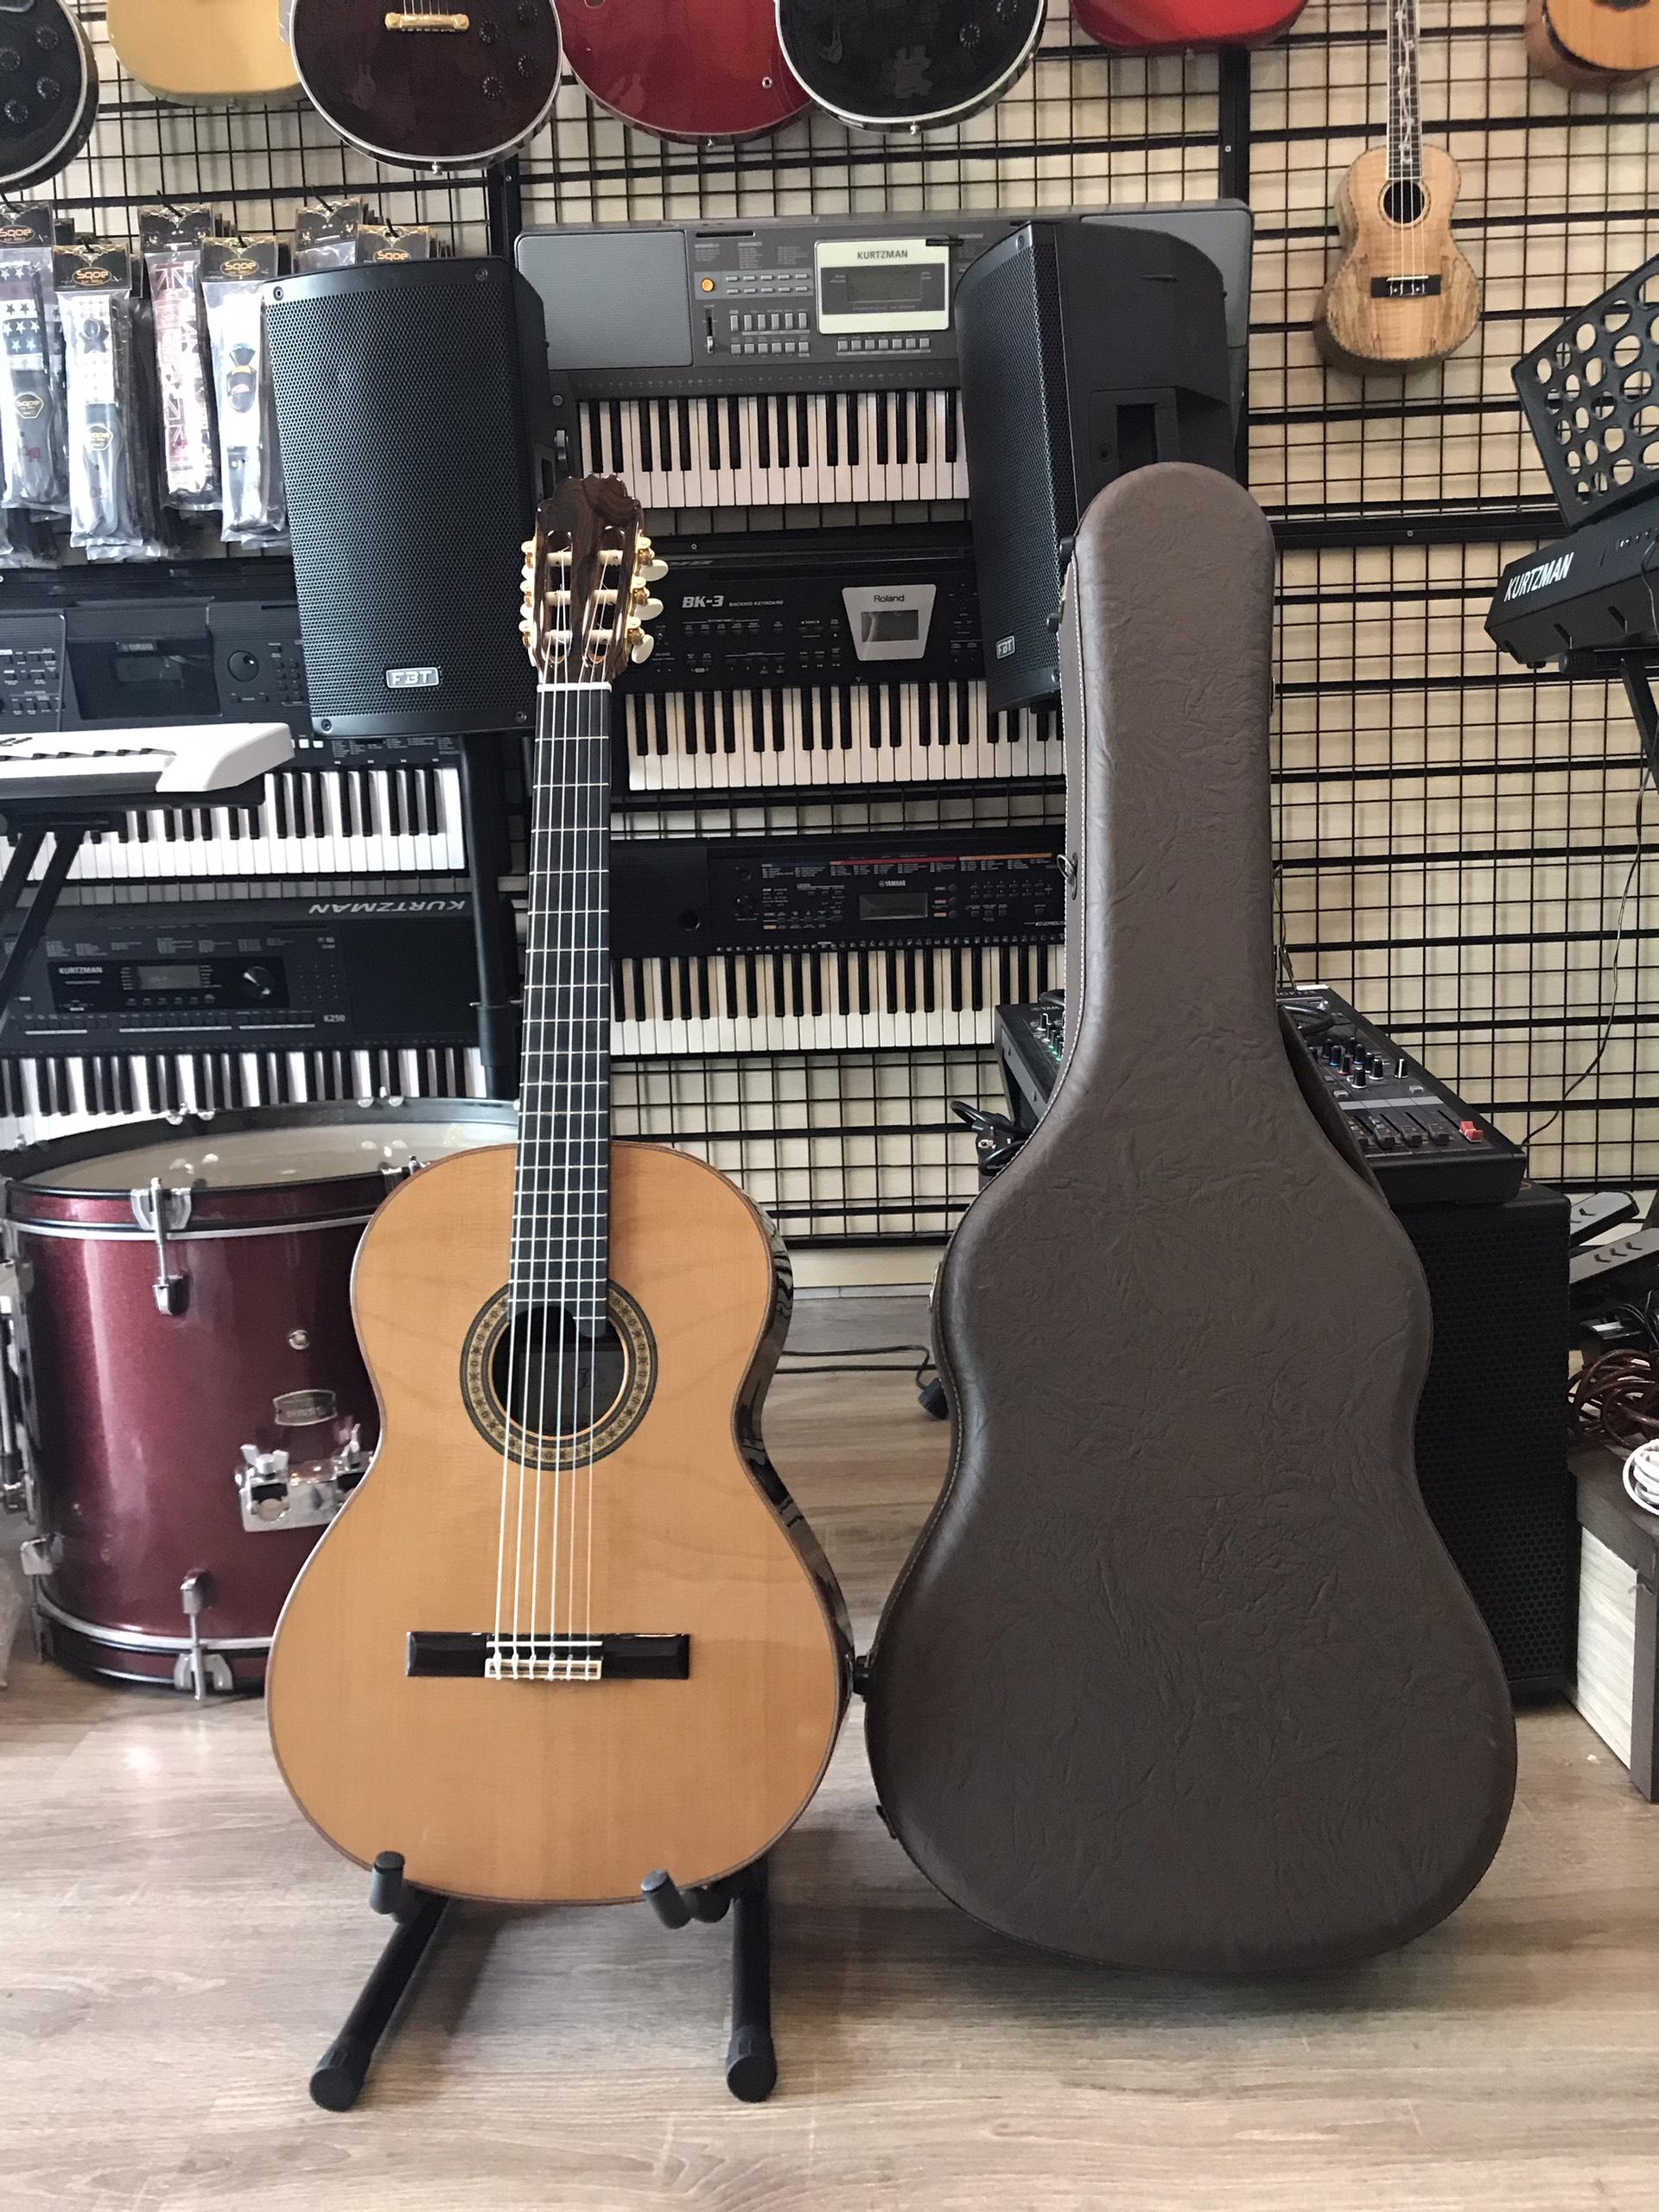 dan_guitar_alhambra